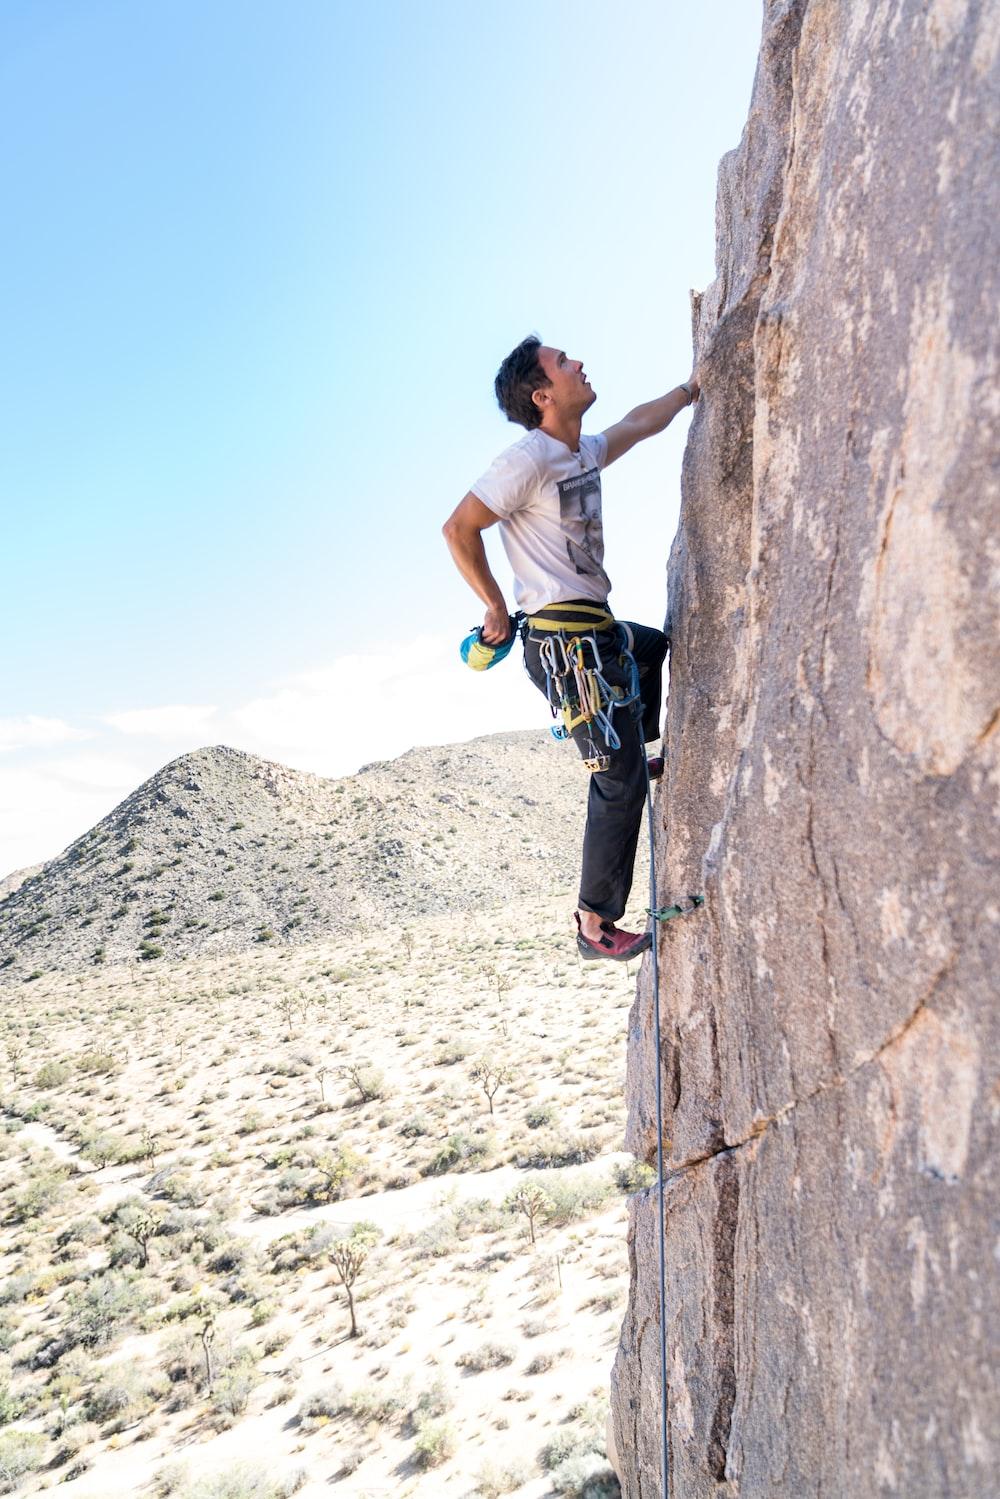 man climbing a mountain during daytime